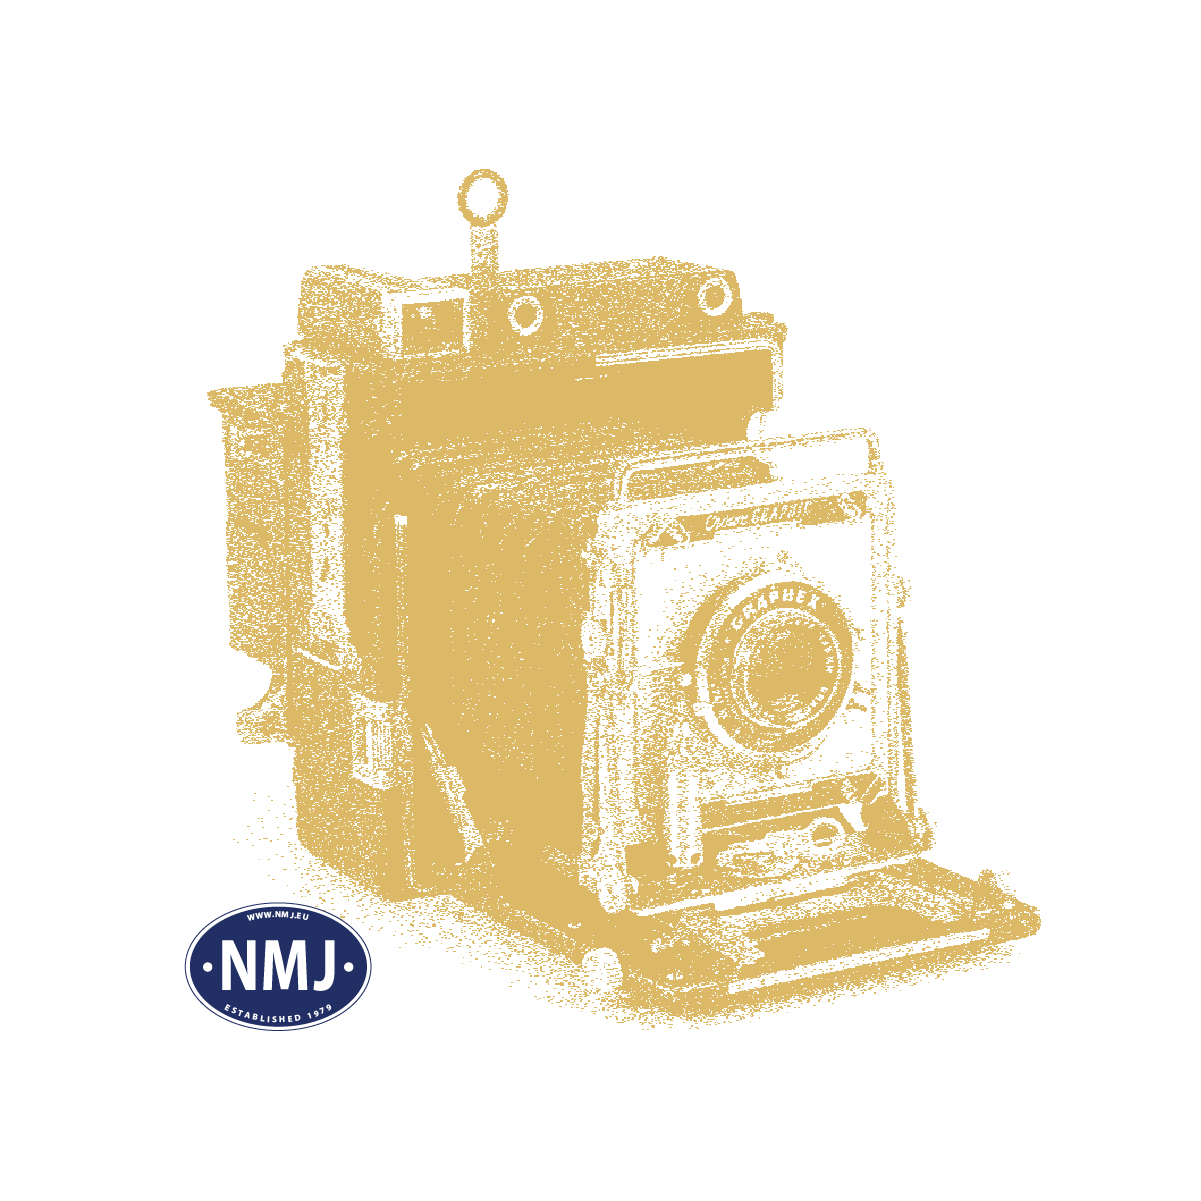 MIN999-22S - Lupiner, Sommer